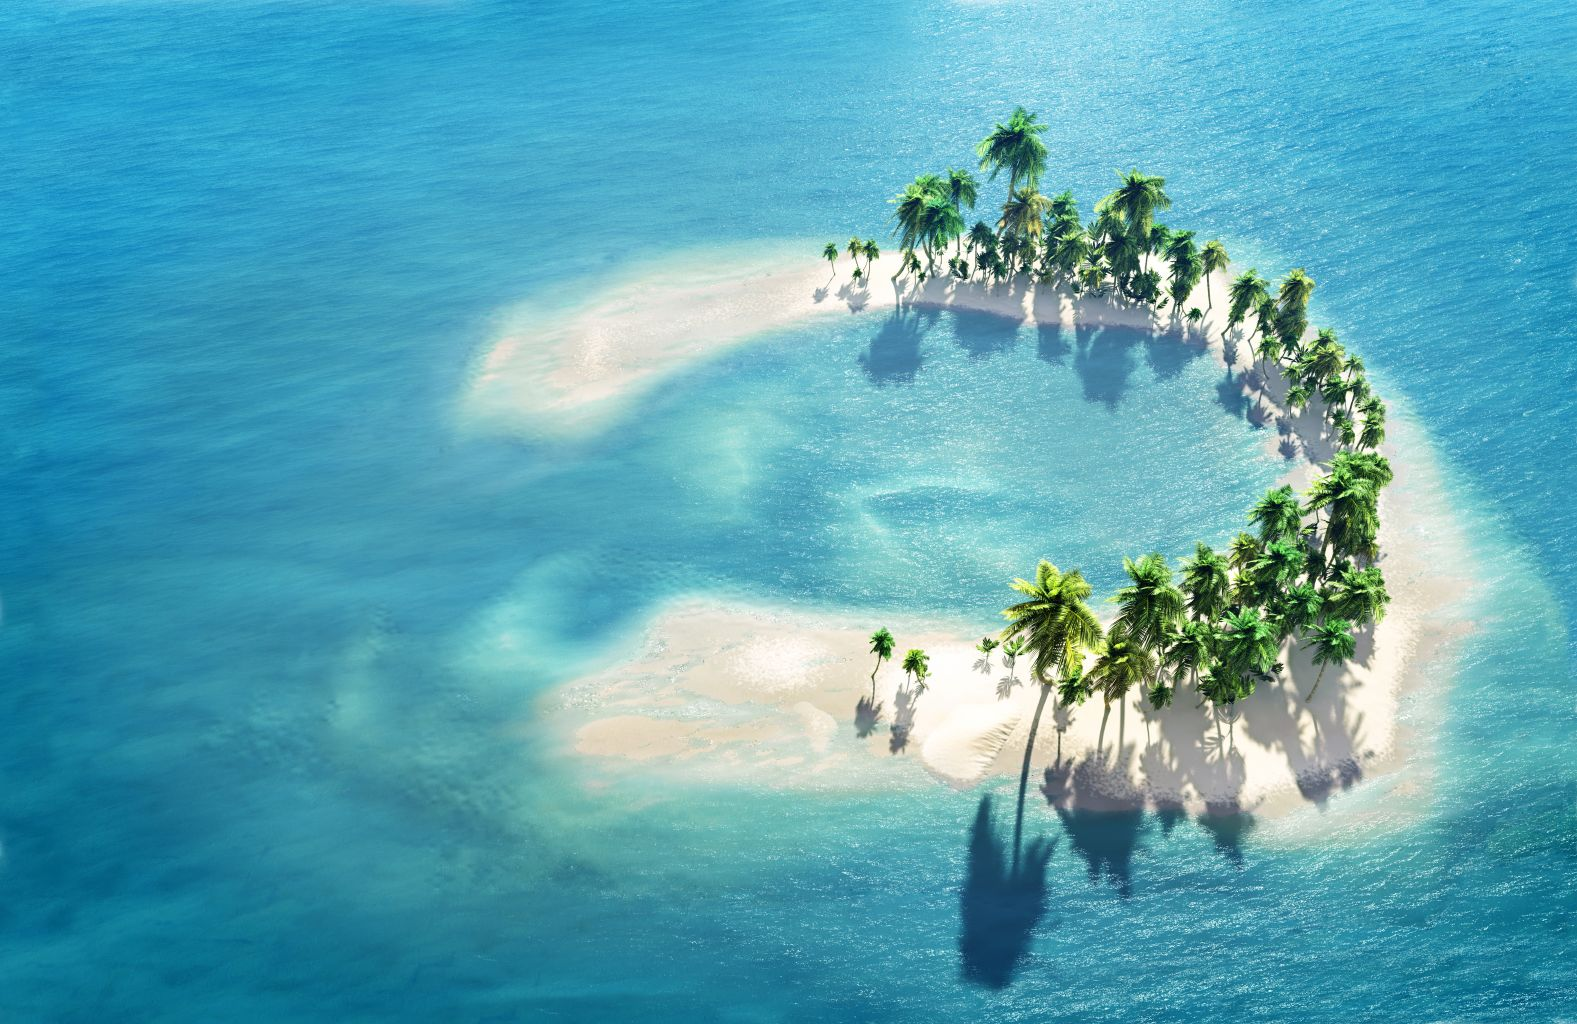 od 4943 Kč – Maledivy, Srí Lanka, Dubaj… a další!